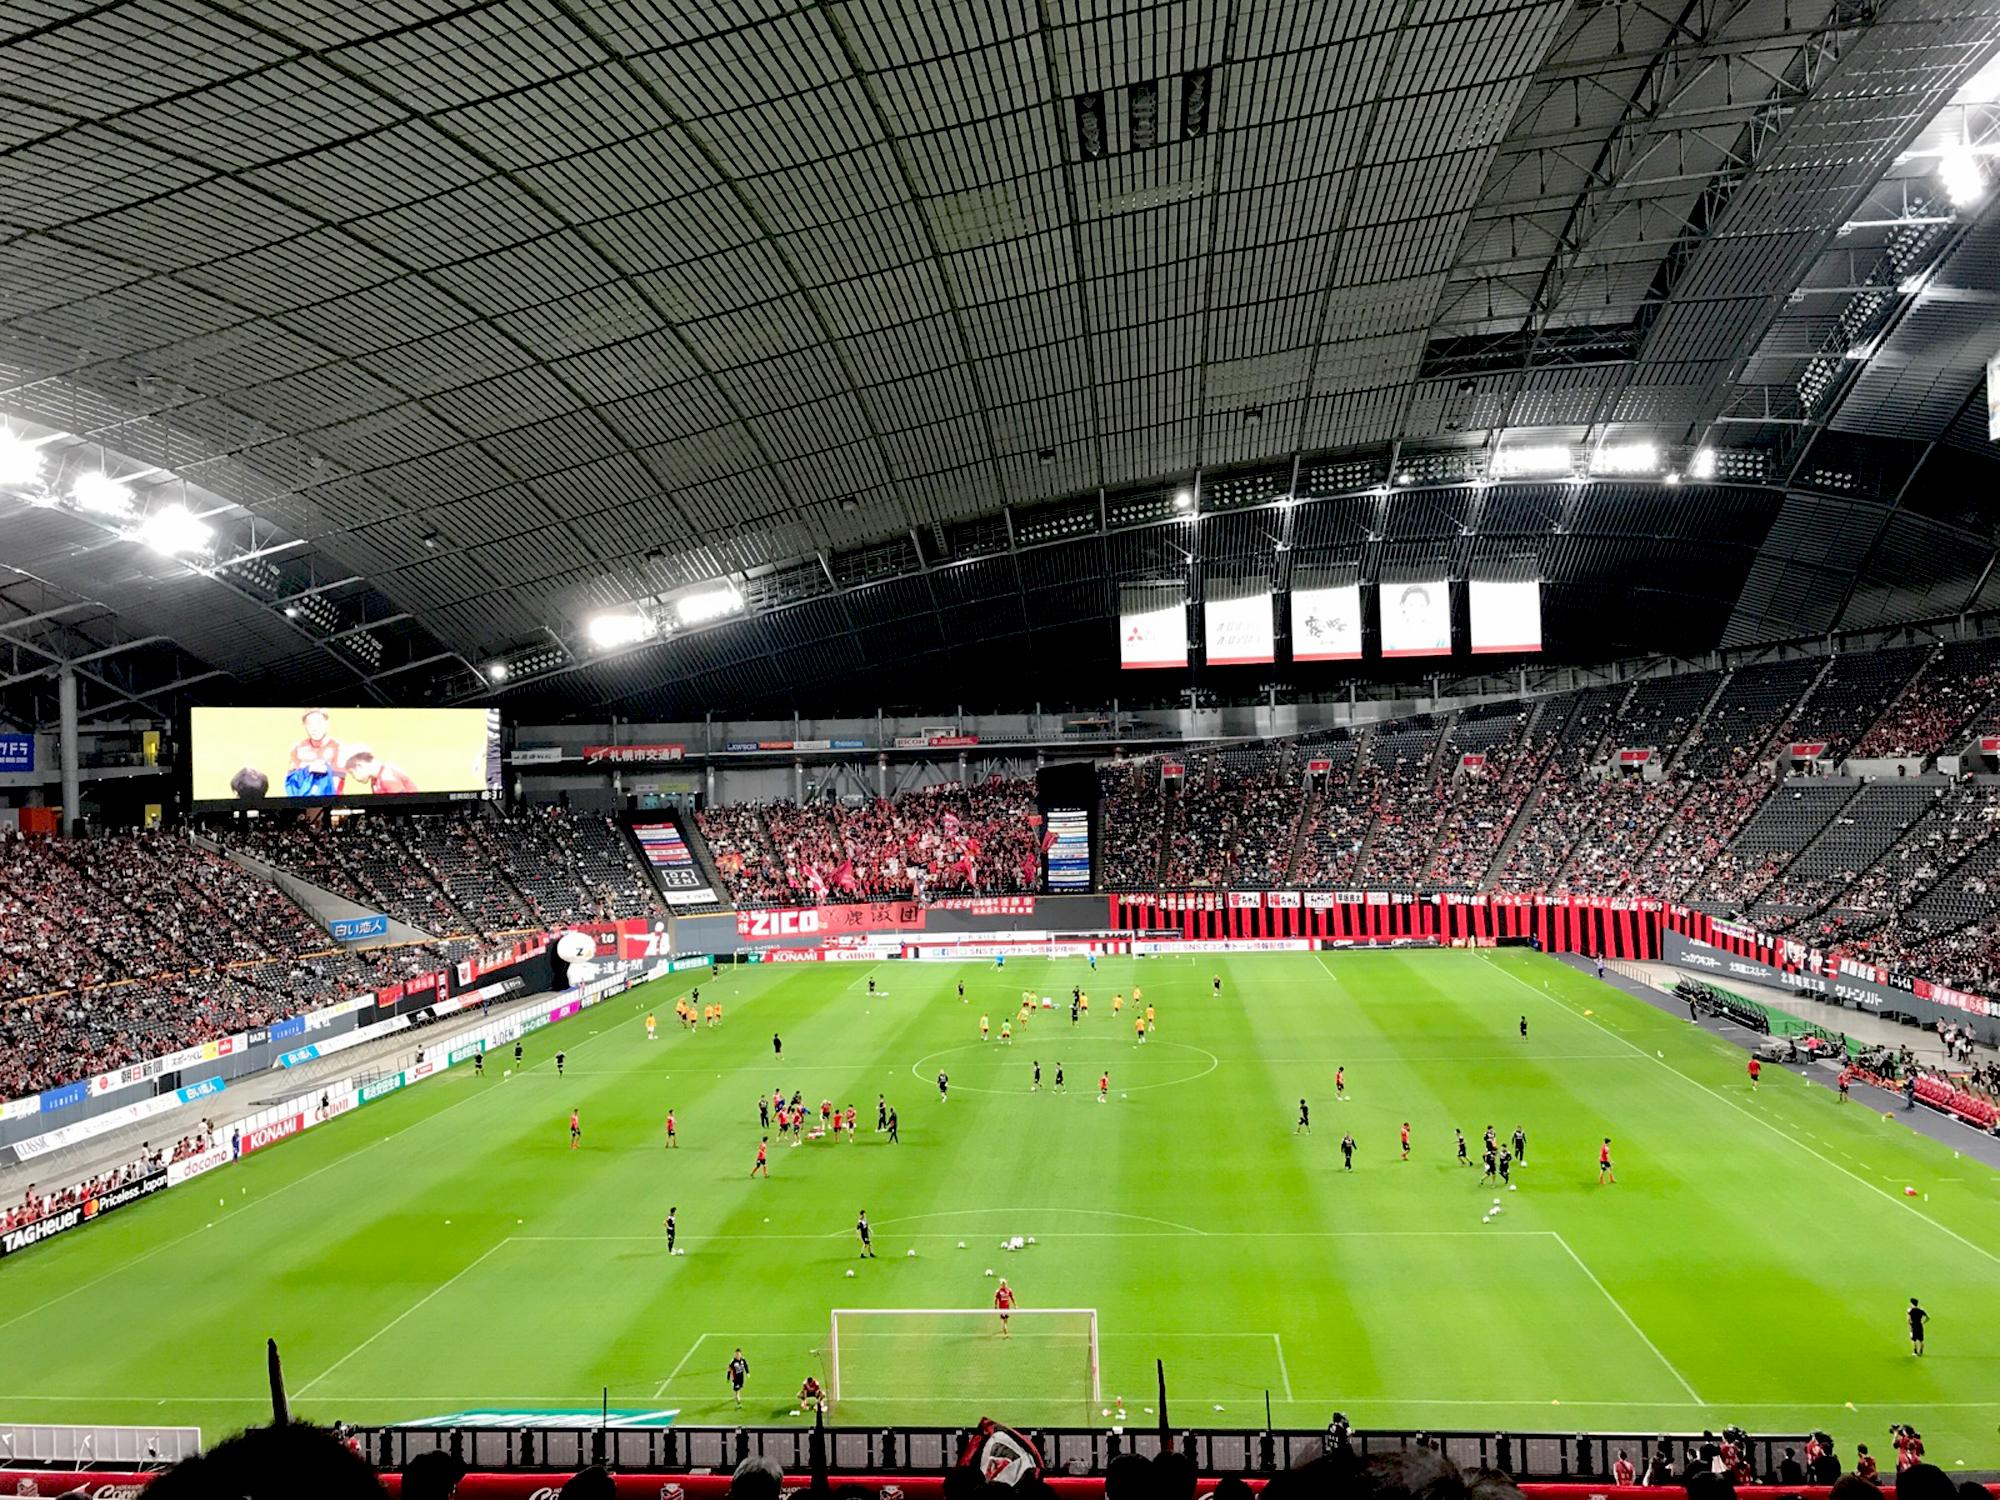 北海道コンサドーレ札幌vs鹿島アントラーズ(J1 第27節)